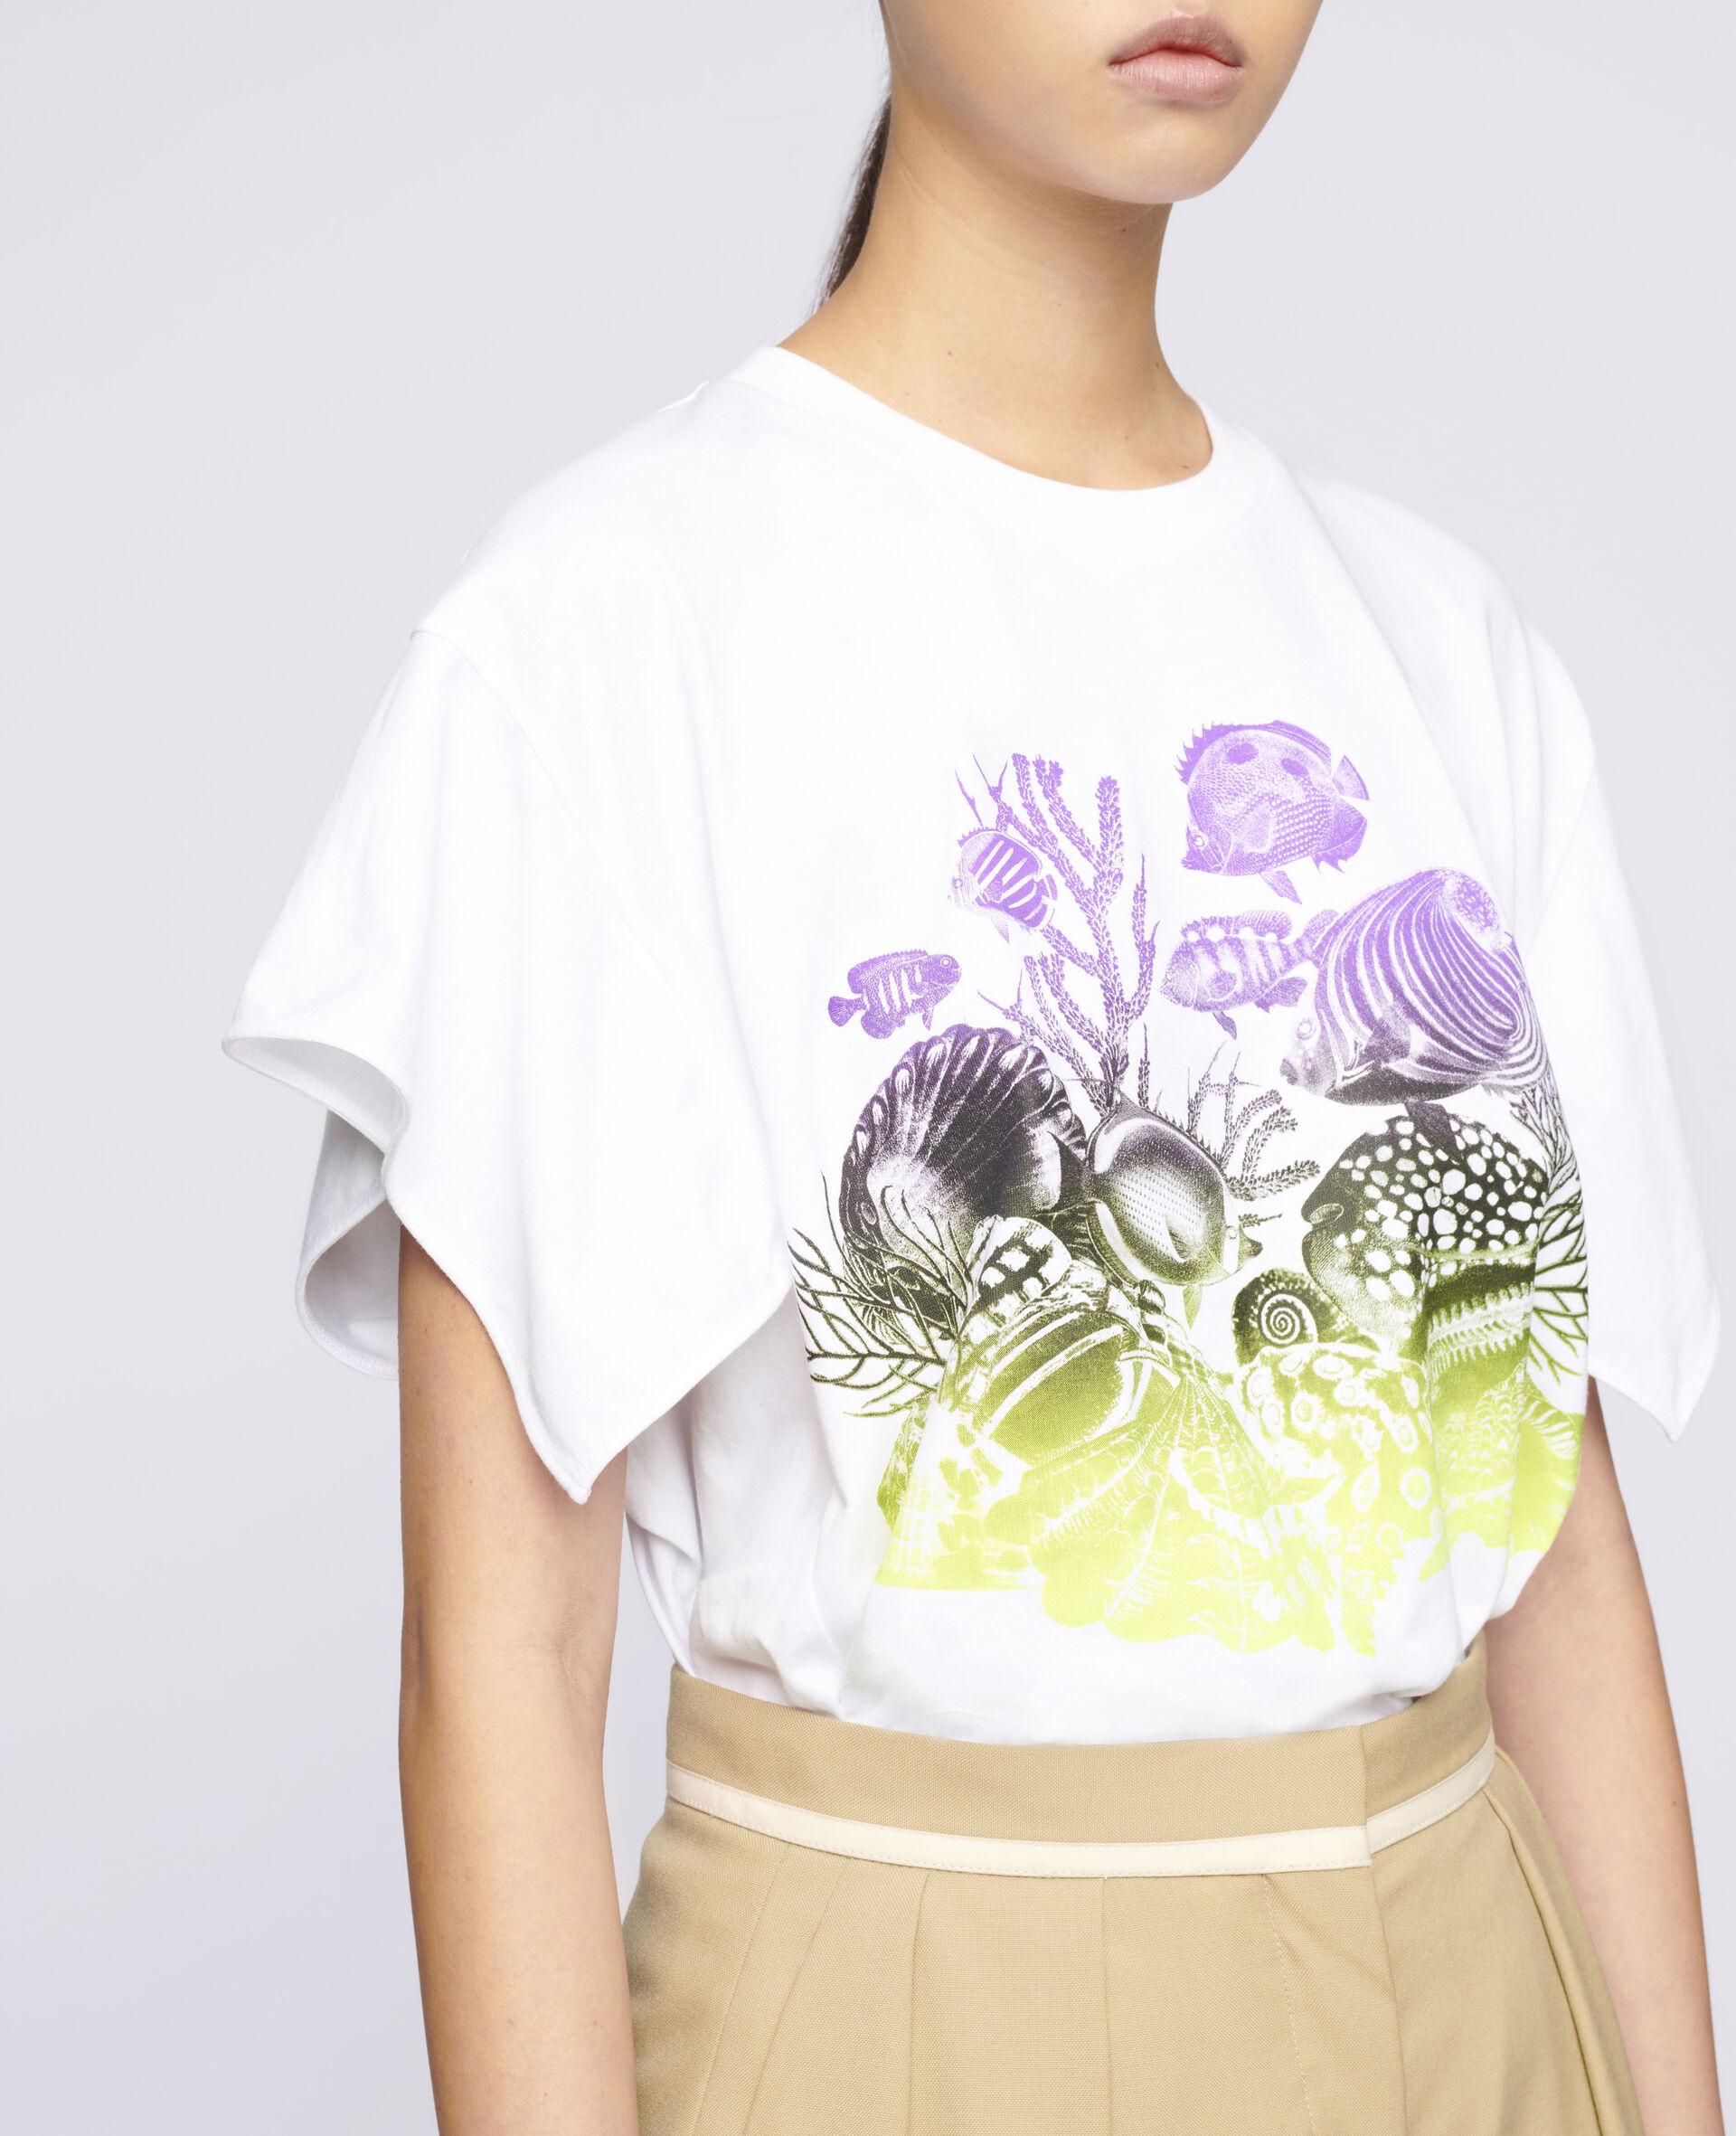 シーライフ プリント コットン Tシャツ-ホワイト-large image number 3